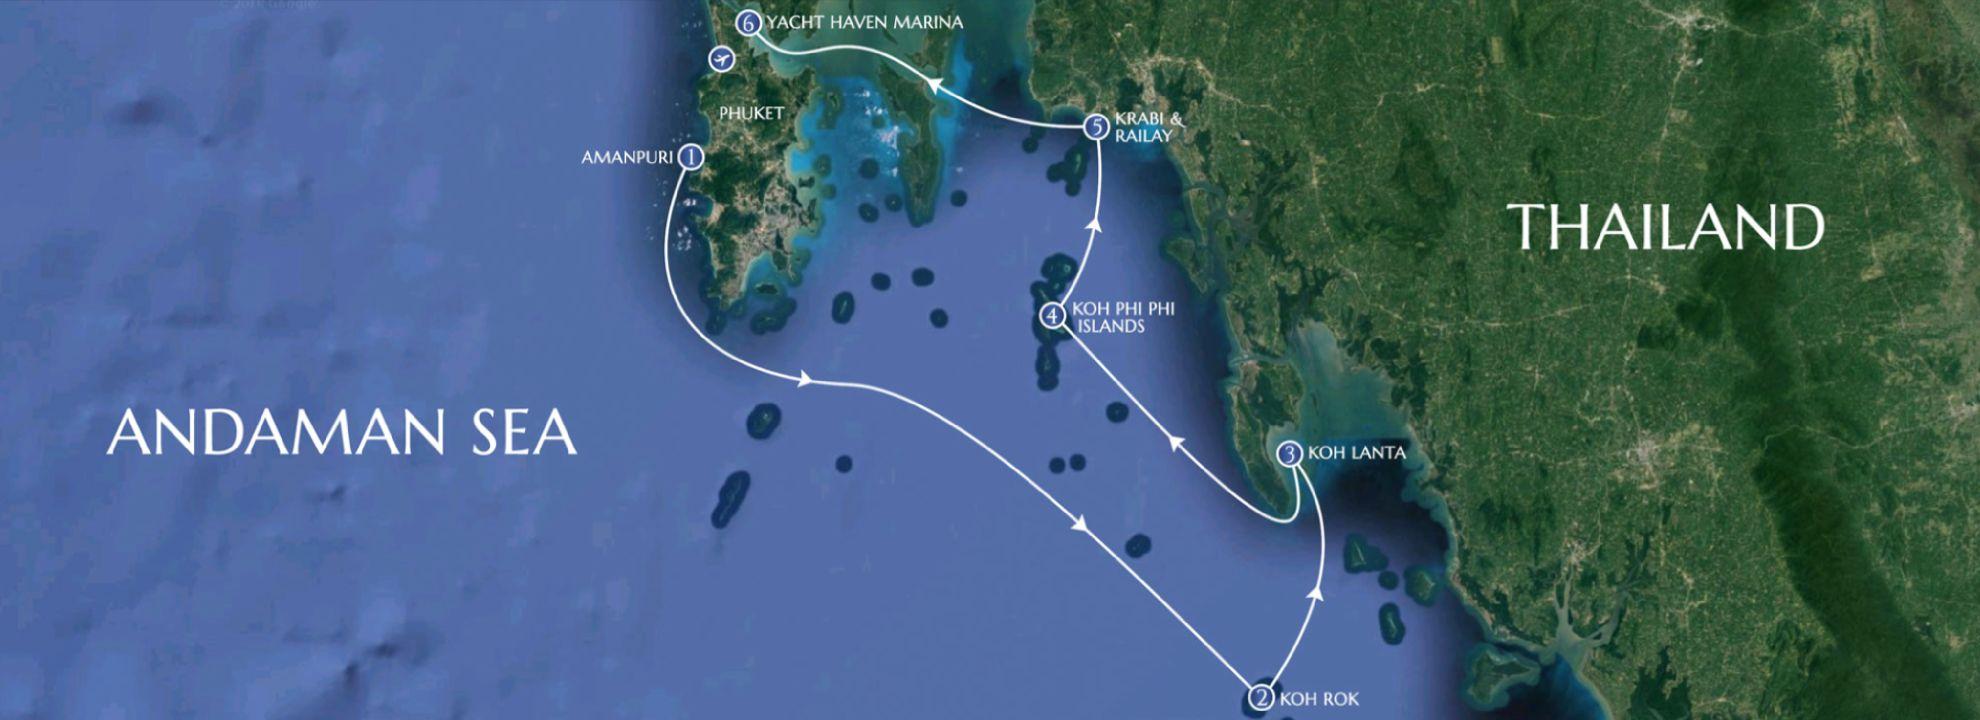 Phuket to Krabi - LAMIMA Luxury Sailing Yacht